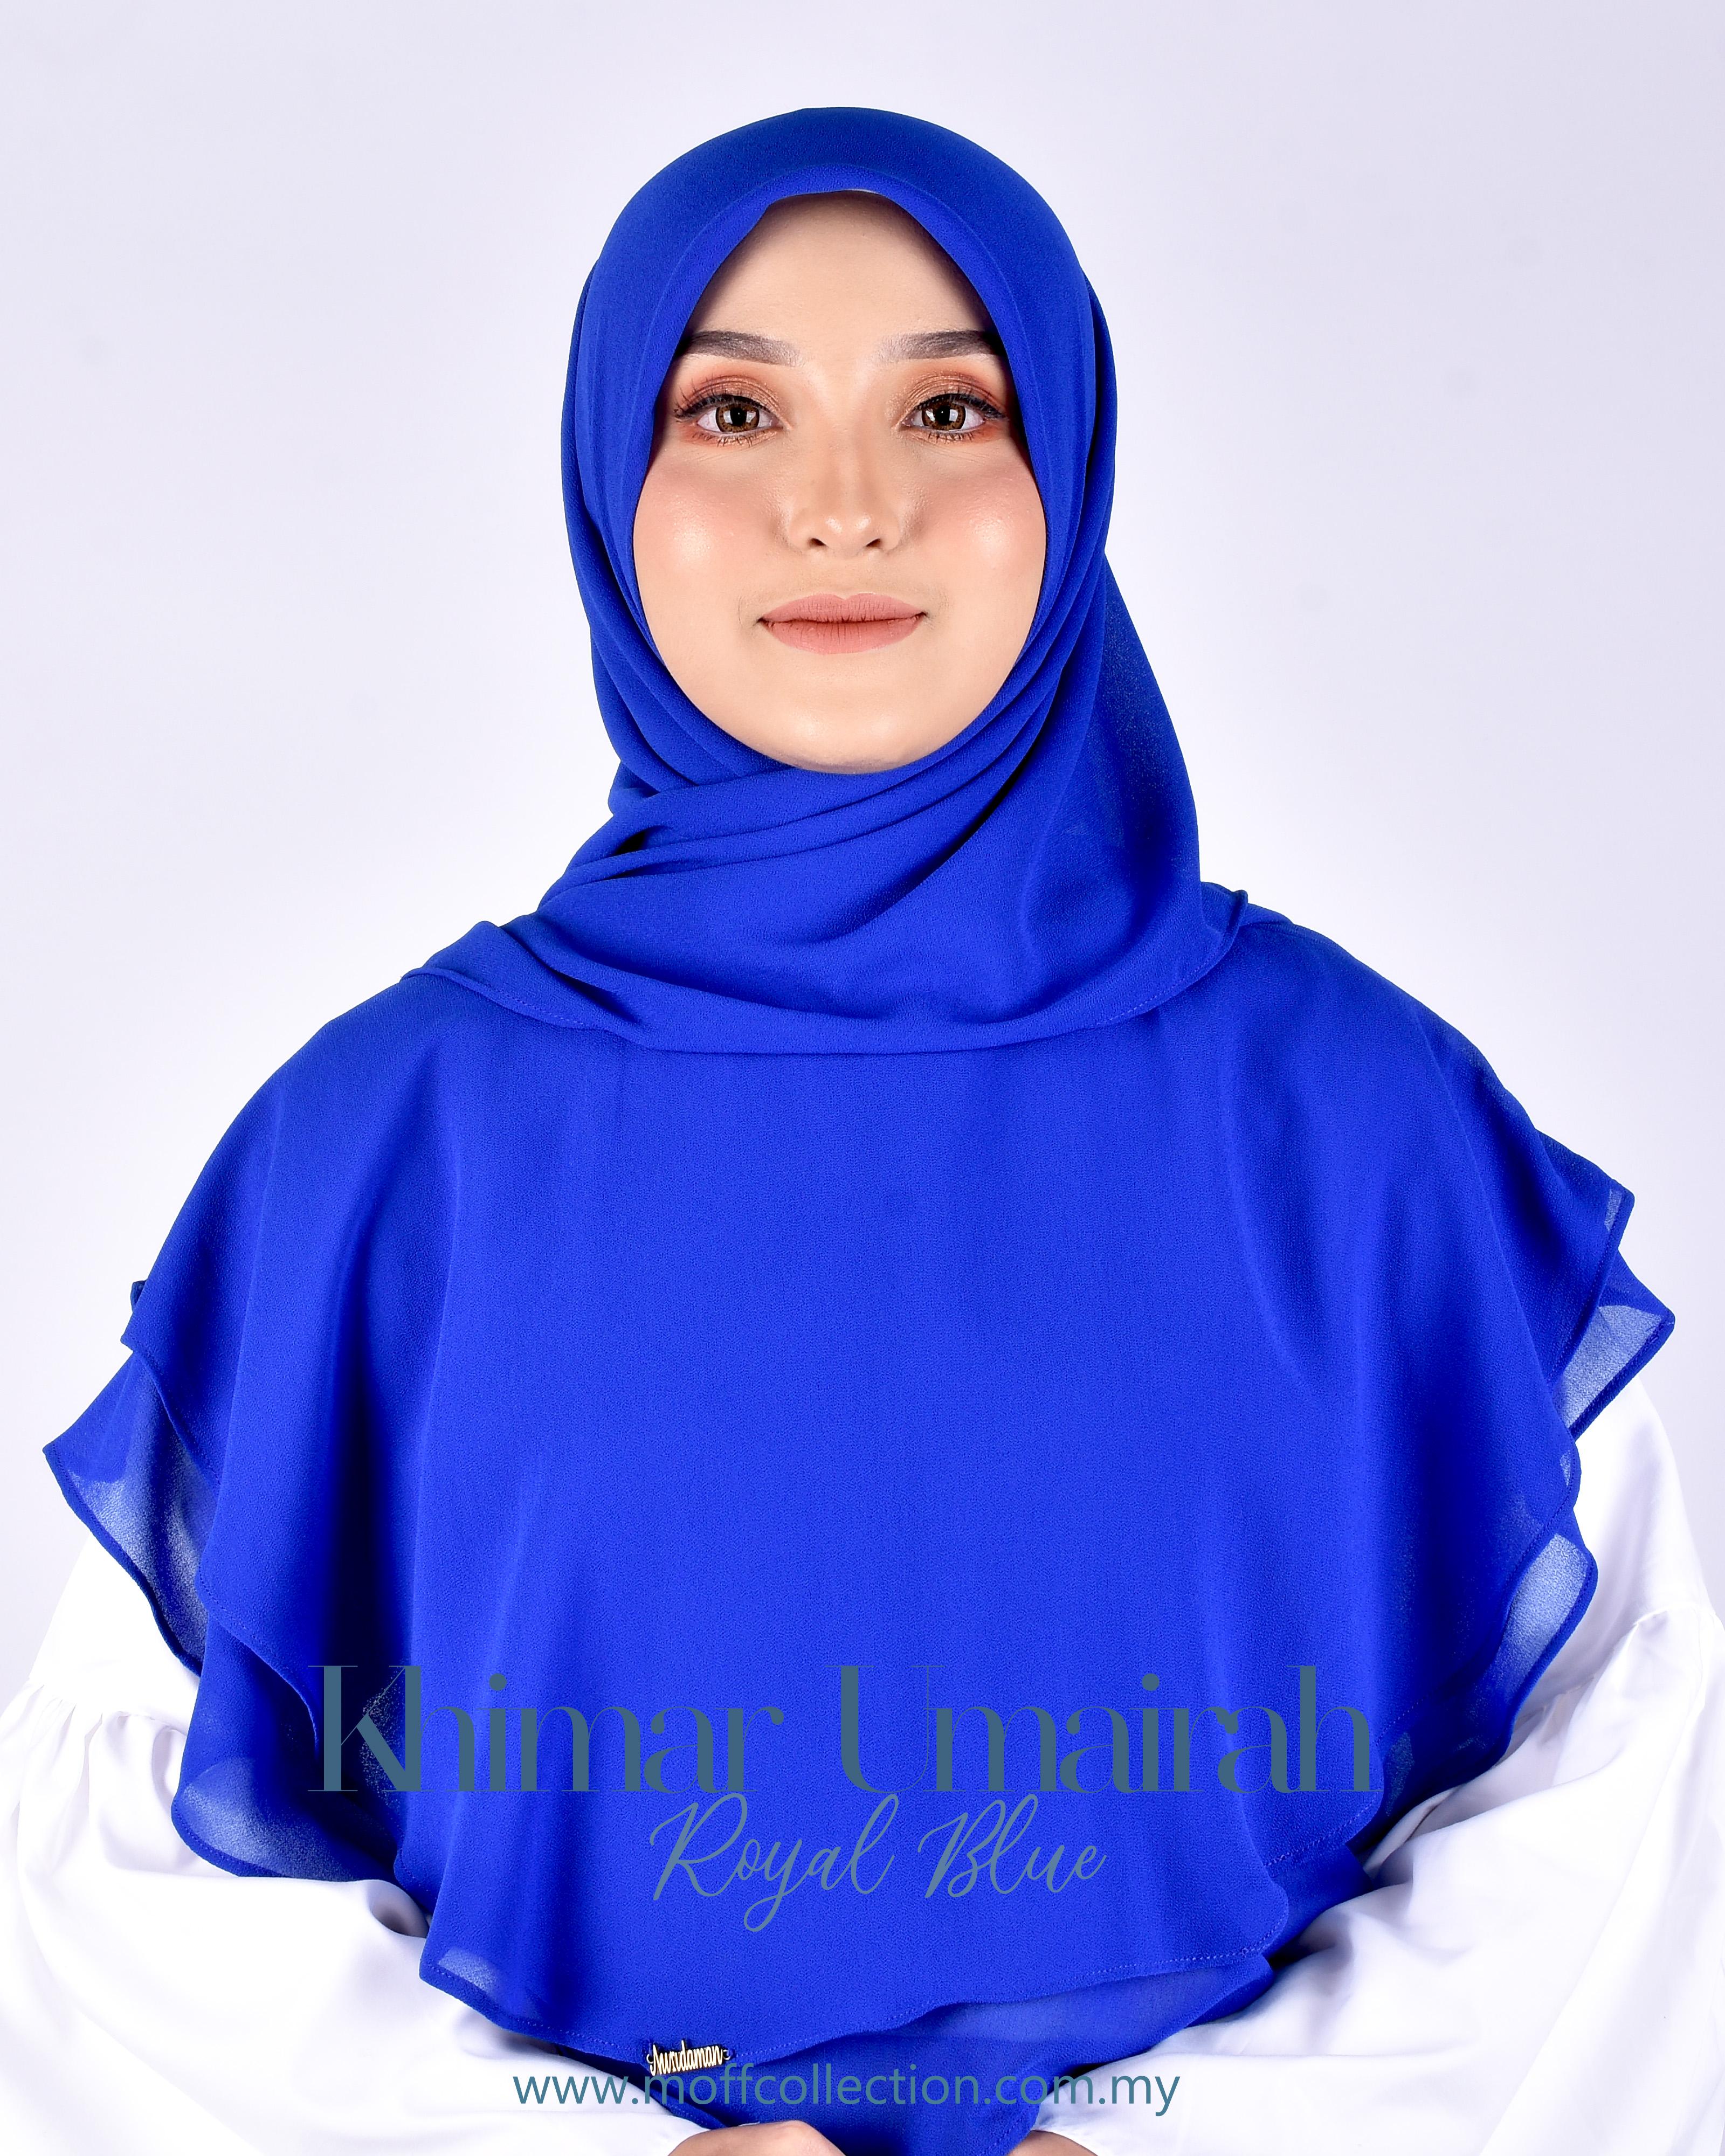 Khimar Umairah In Royal Blue